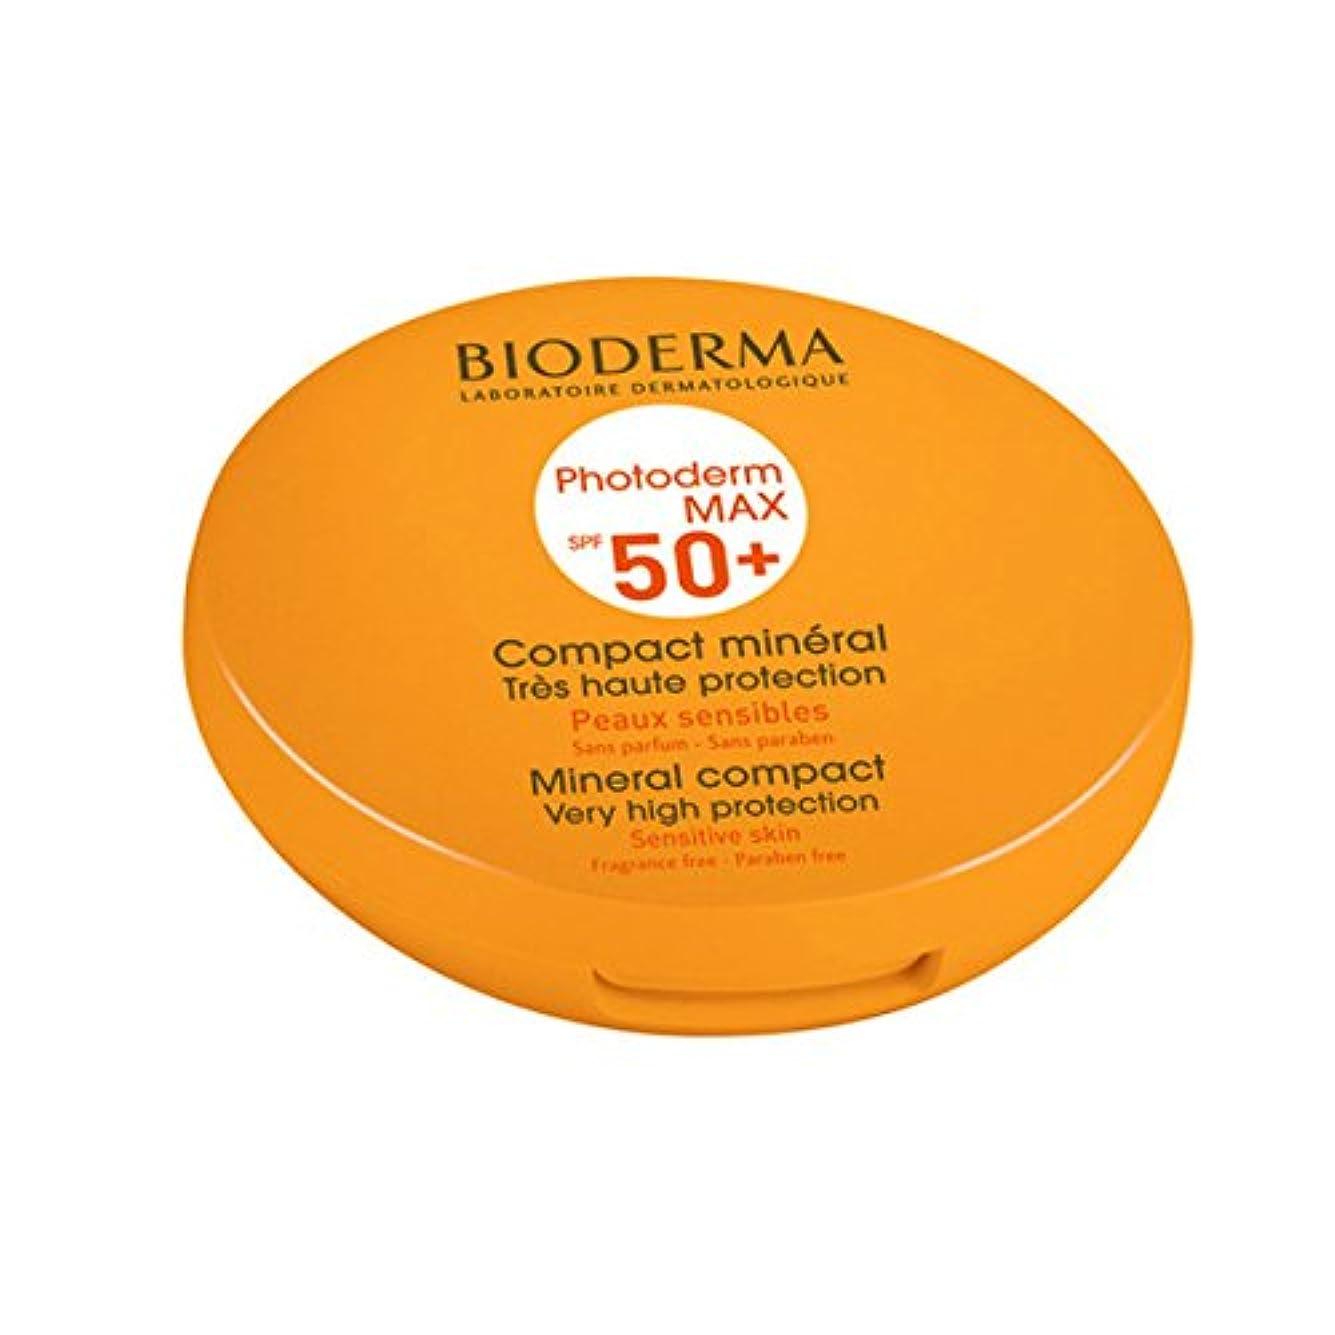 かける暗い破産Bioderma Photoderm Max Compact Mineral 50+ Golden 10g [並行輸入品]